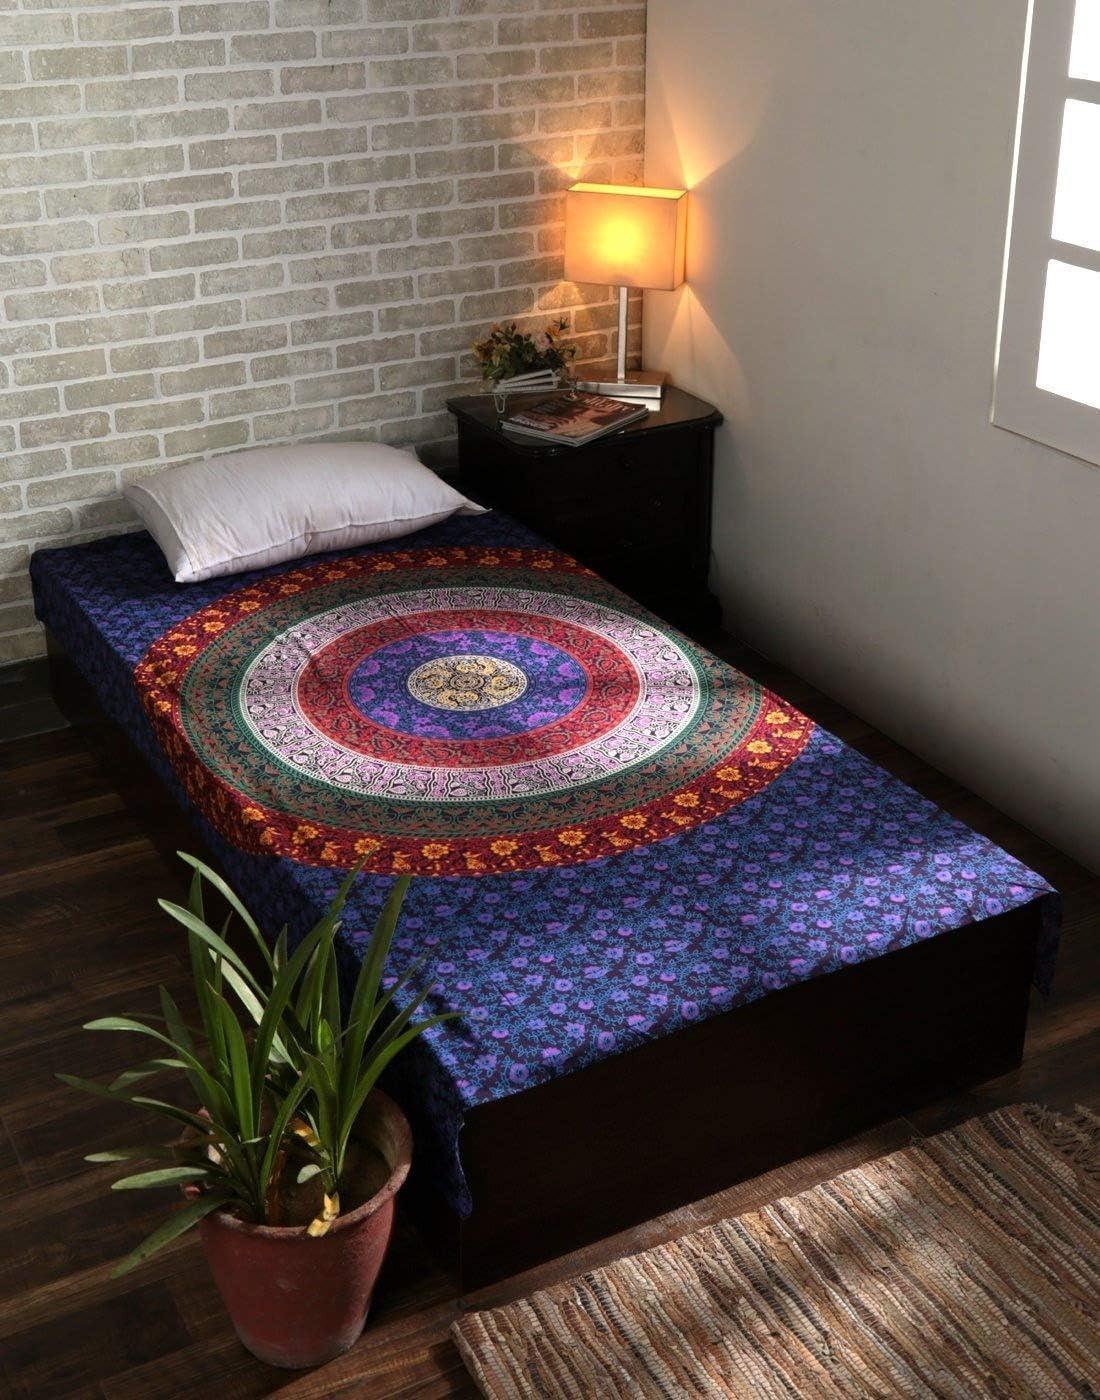 arredamento camera arazzo viola indiano picnic arazzi mandala boh/émien per copriletto asciugamano mare hippie 213 x 137 cm Arazzo viola per decorazioni murali